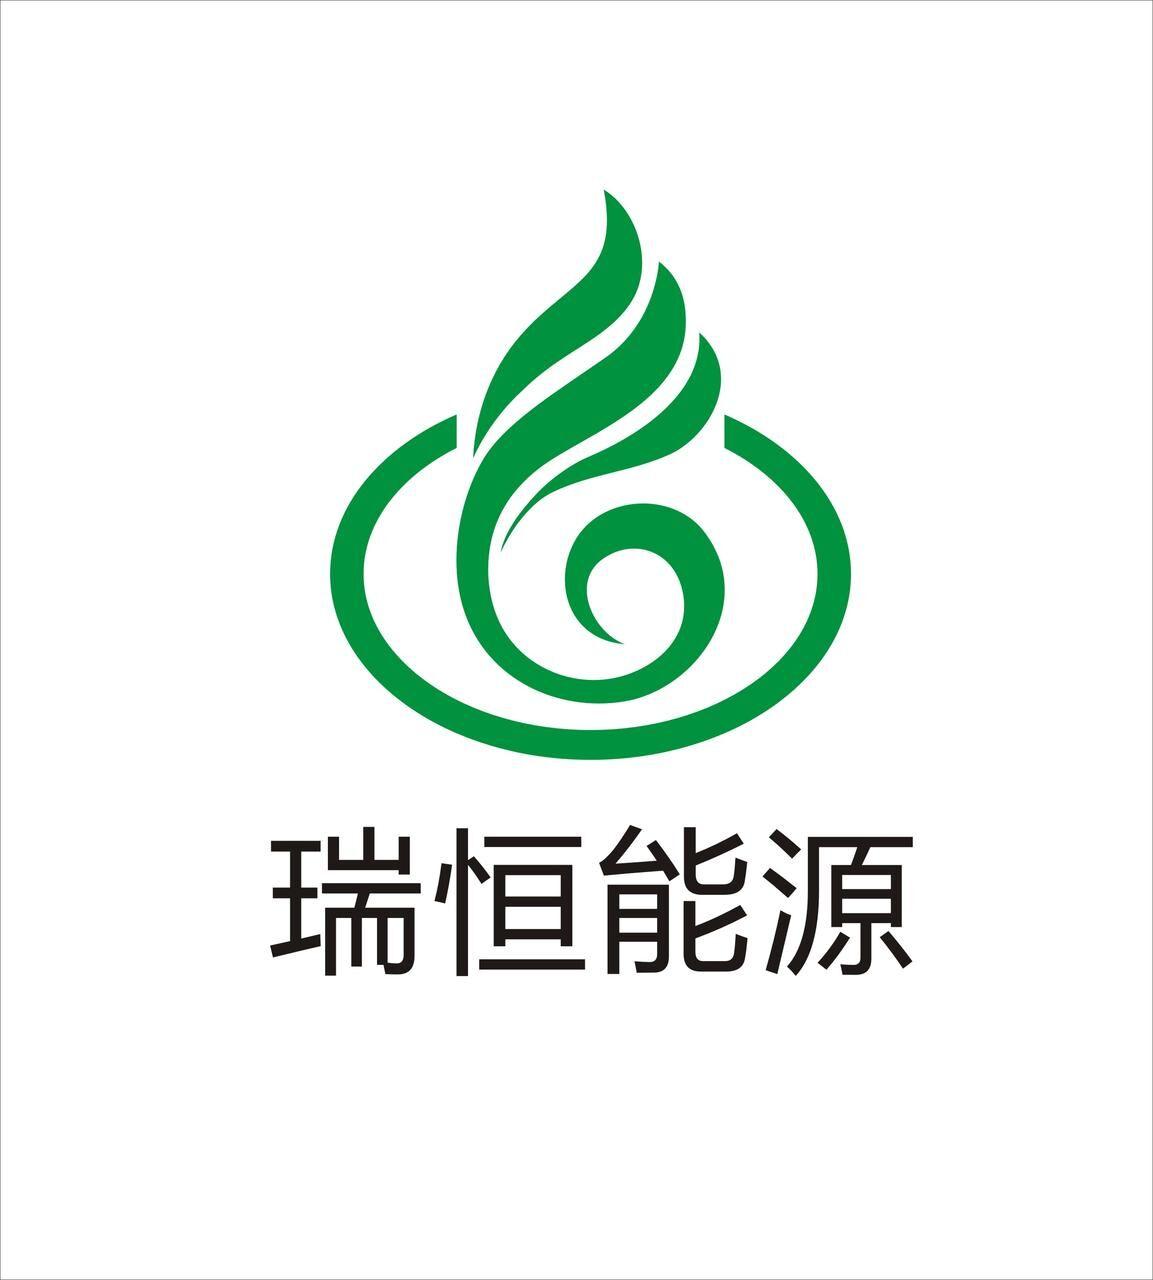 瑞恒环保燃油加盟